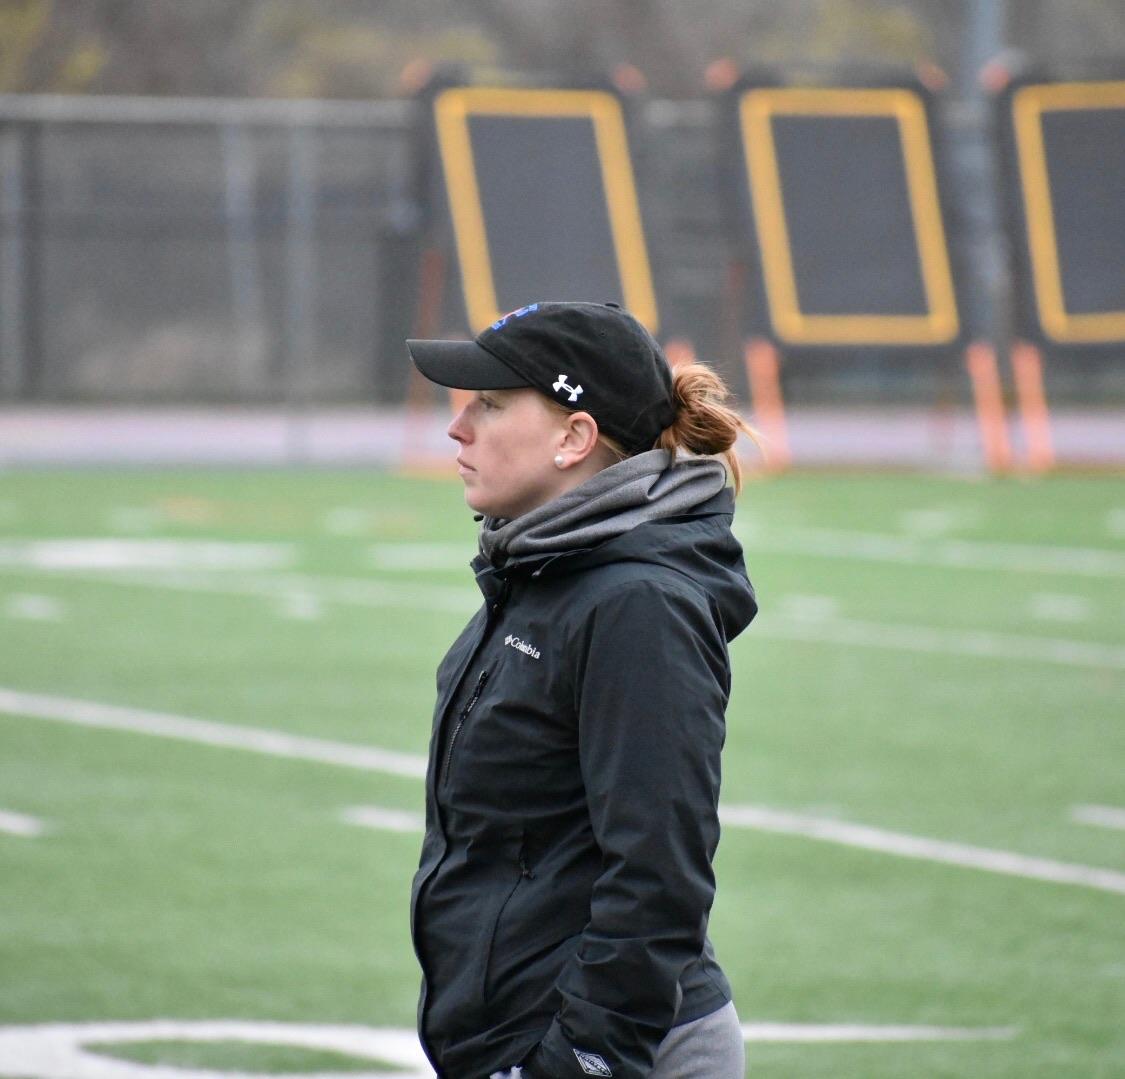 Coach Lauren Baran